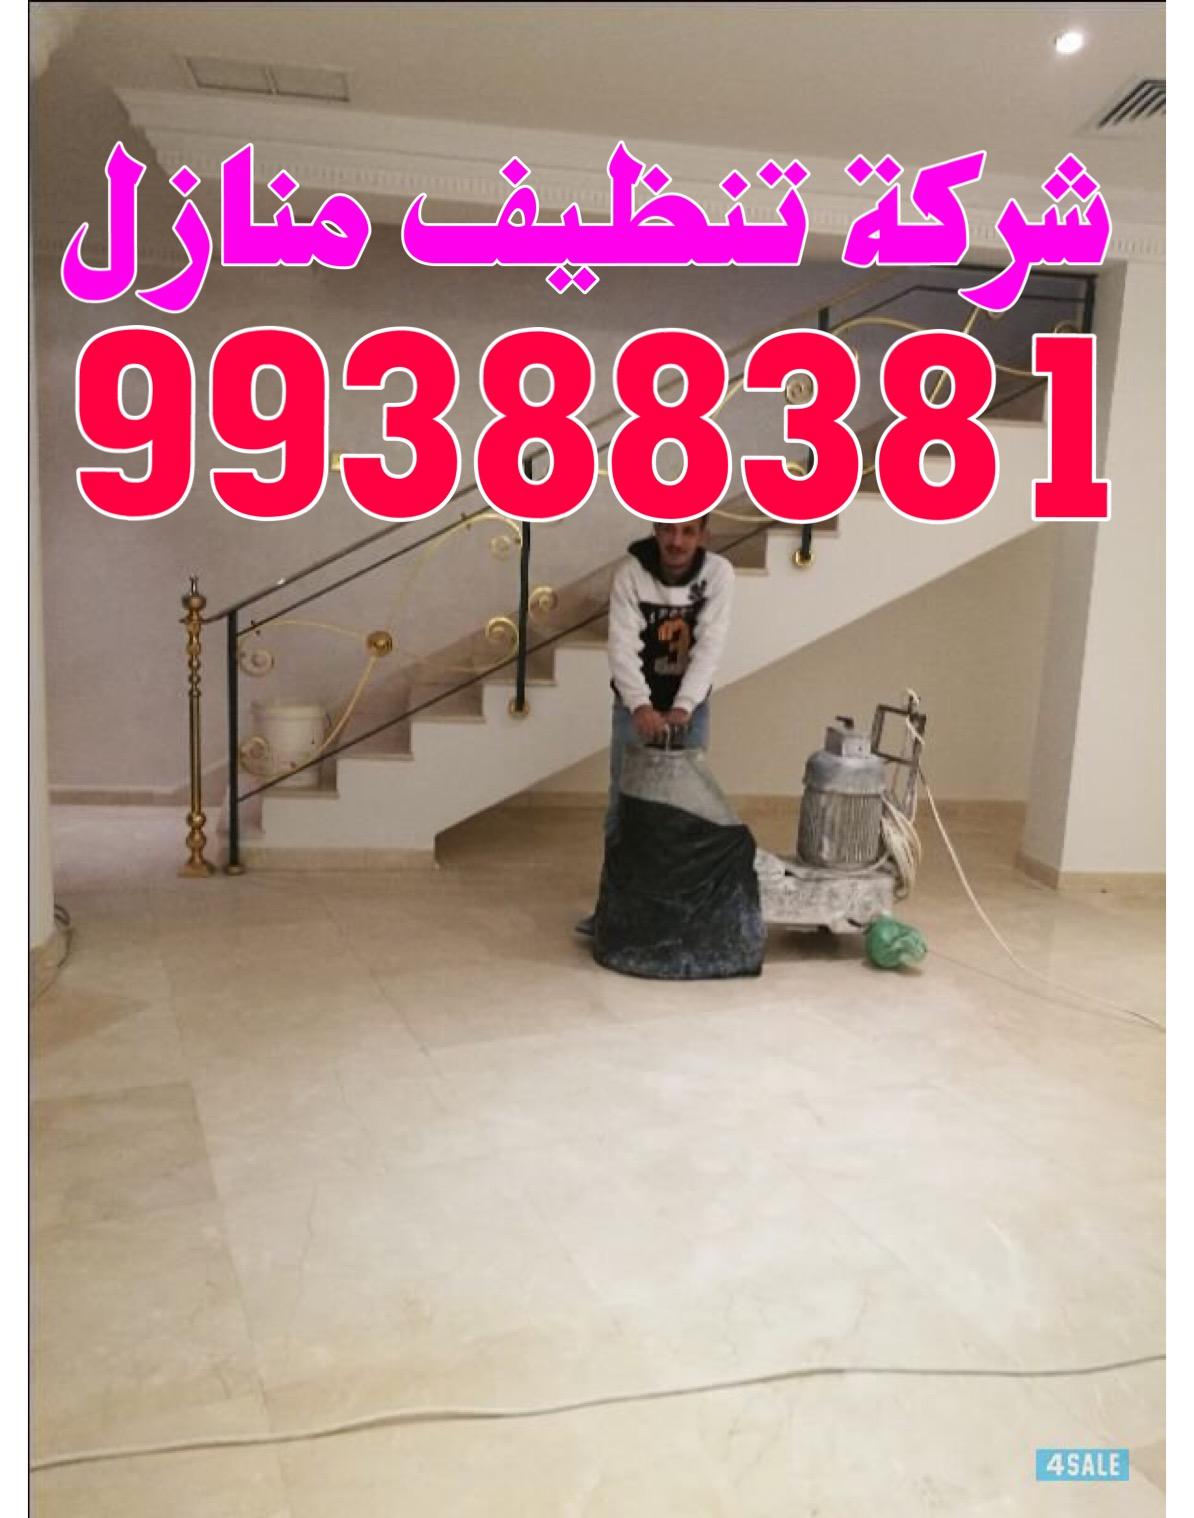 شركة تنظيف بالكويت باقل الاسعار  99388381- ماجيك كويت